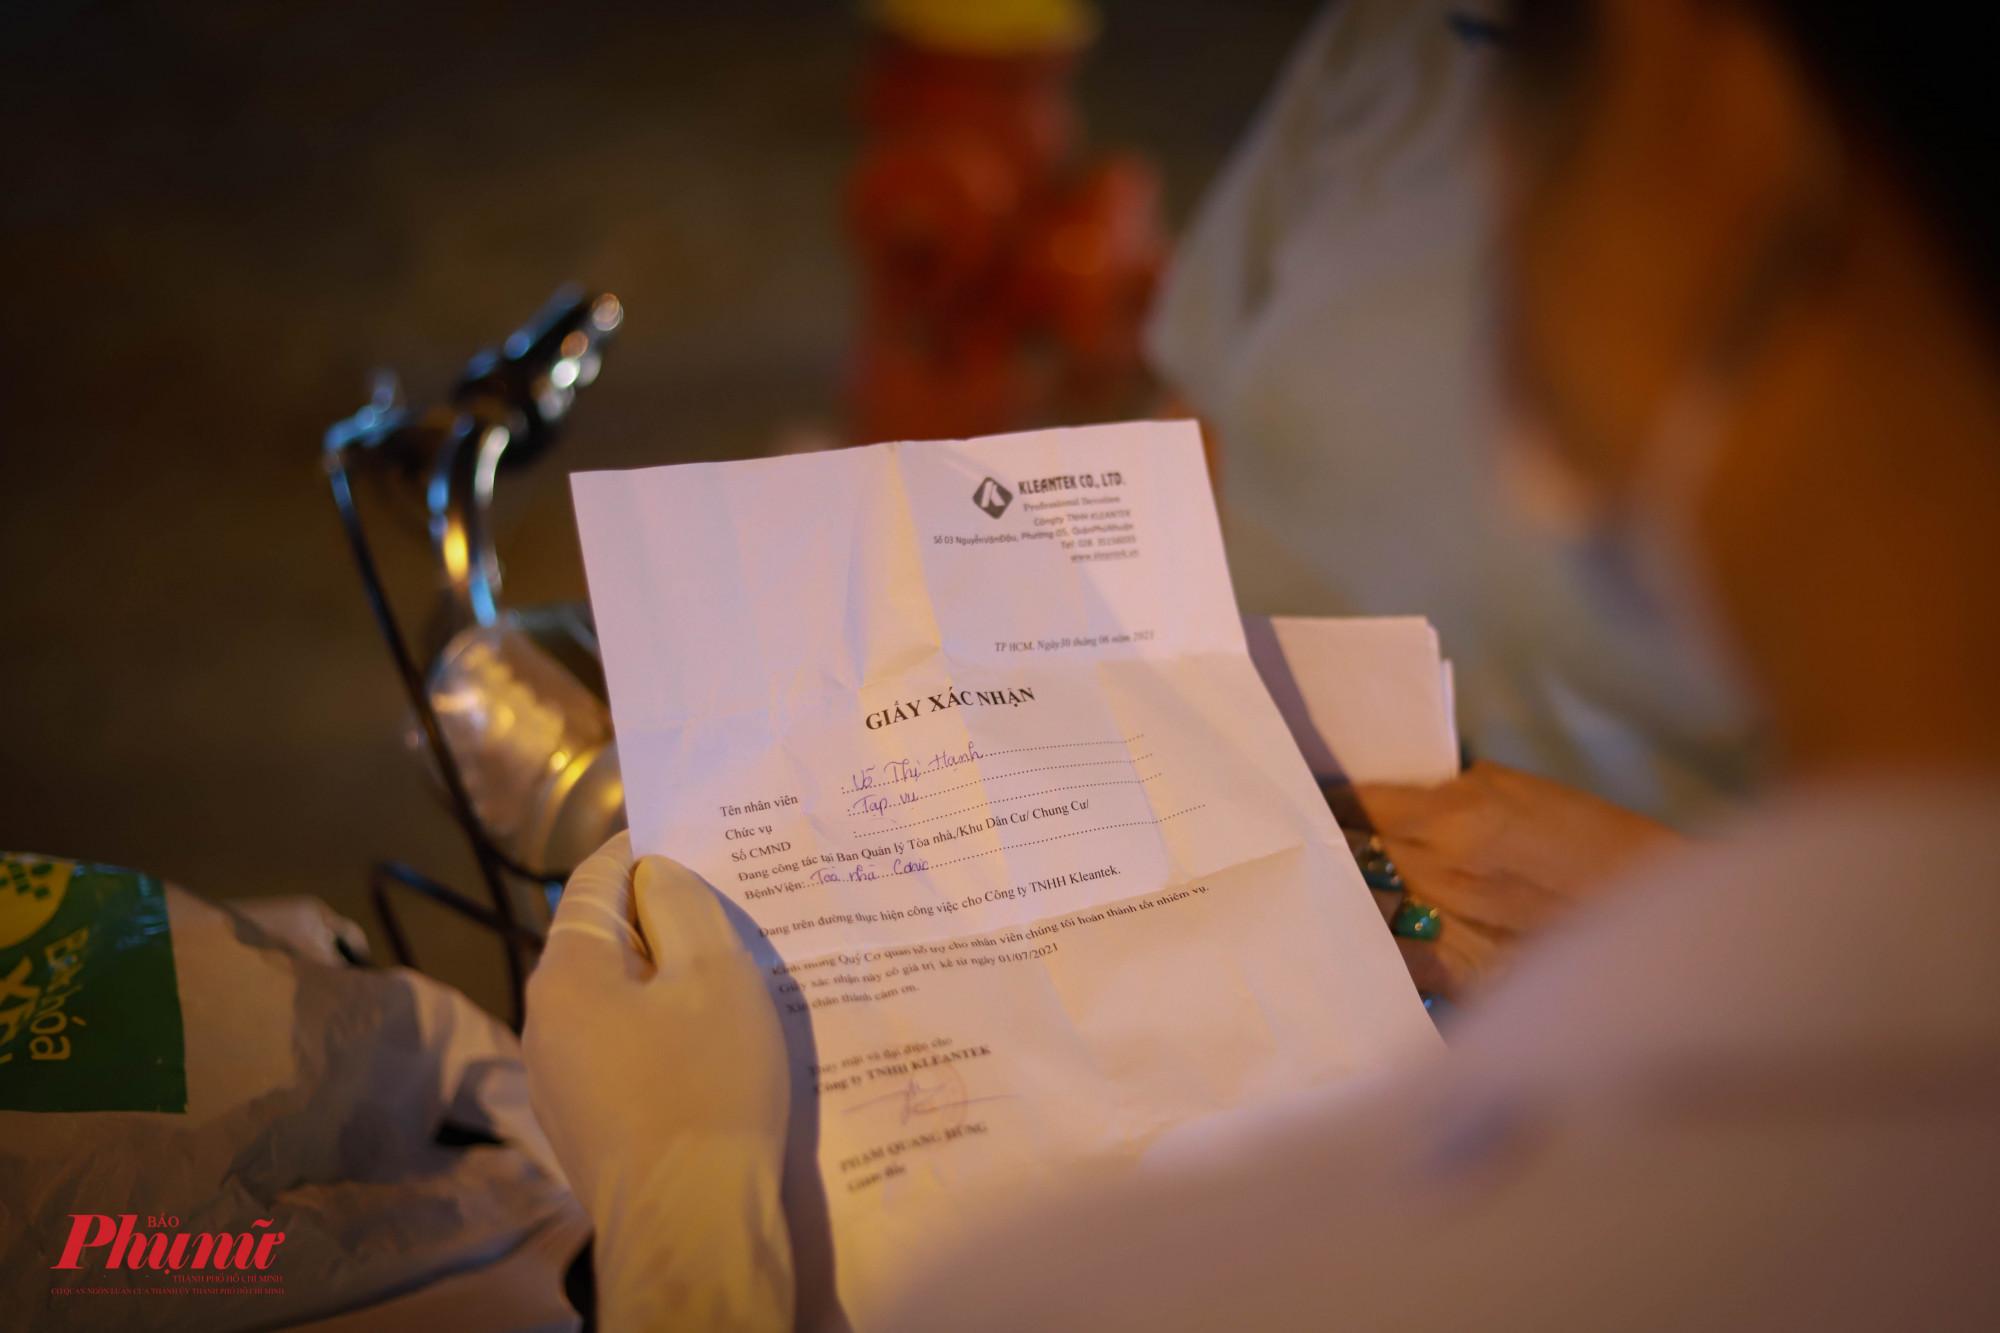 Nhiều trường hợp không xuất trình được CMND chỉ có giấy xác nhận của Công ty